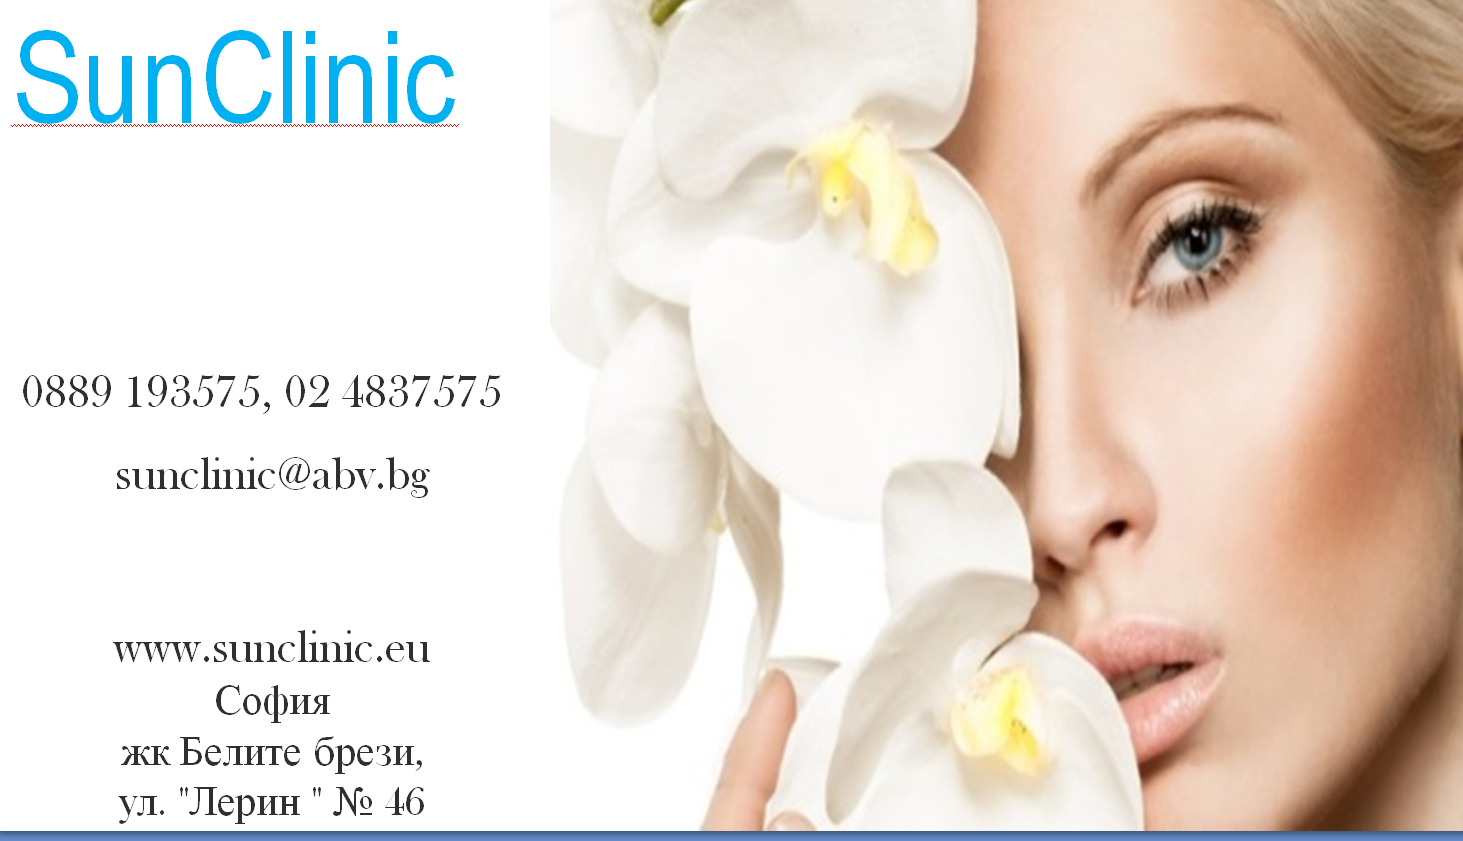 Уникална лифтинг процедура за зряла кожа! Мезоконци за изглаждане на контура на лицето и бръчките от SunClinic! - Снимка 8